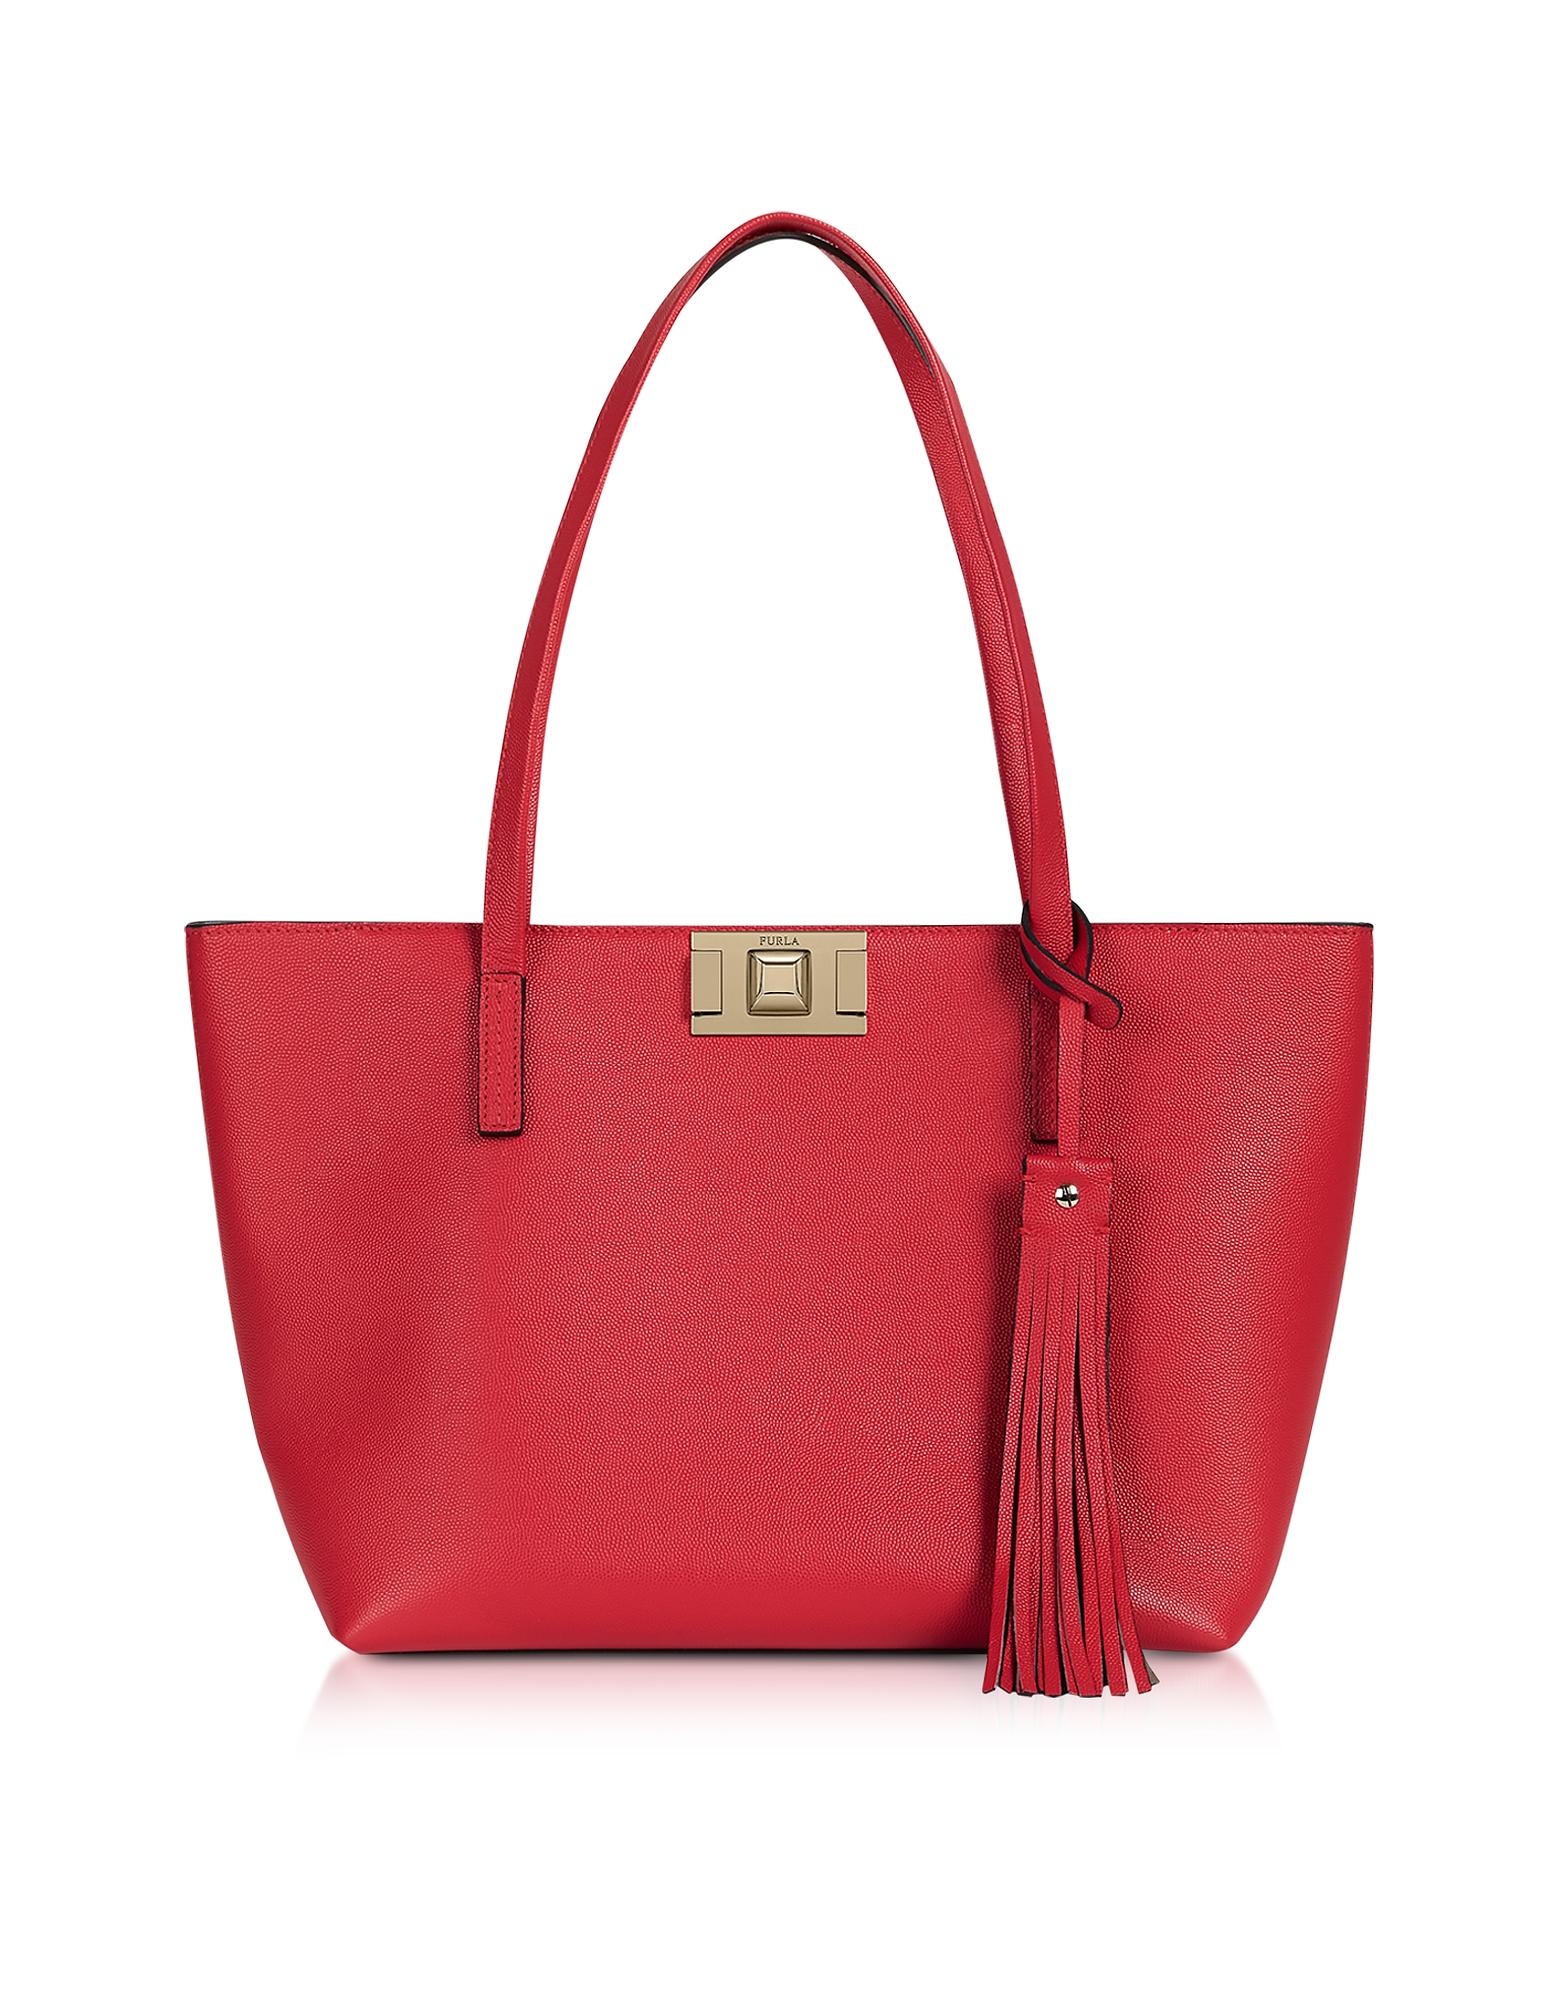 Furla Designer Handbags, Genuine Leather Mimì M Tote